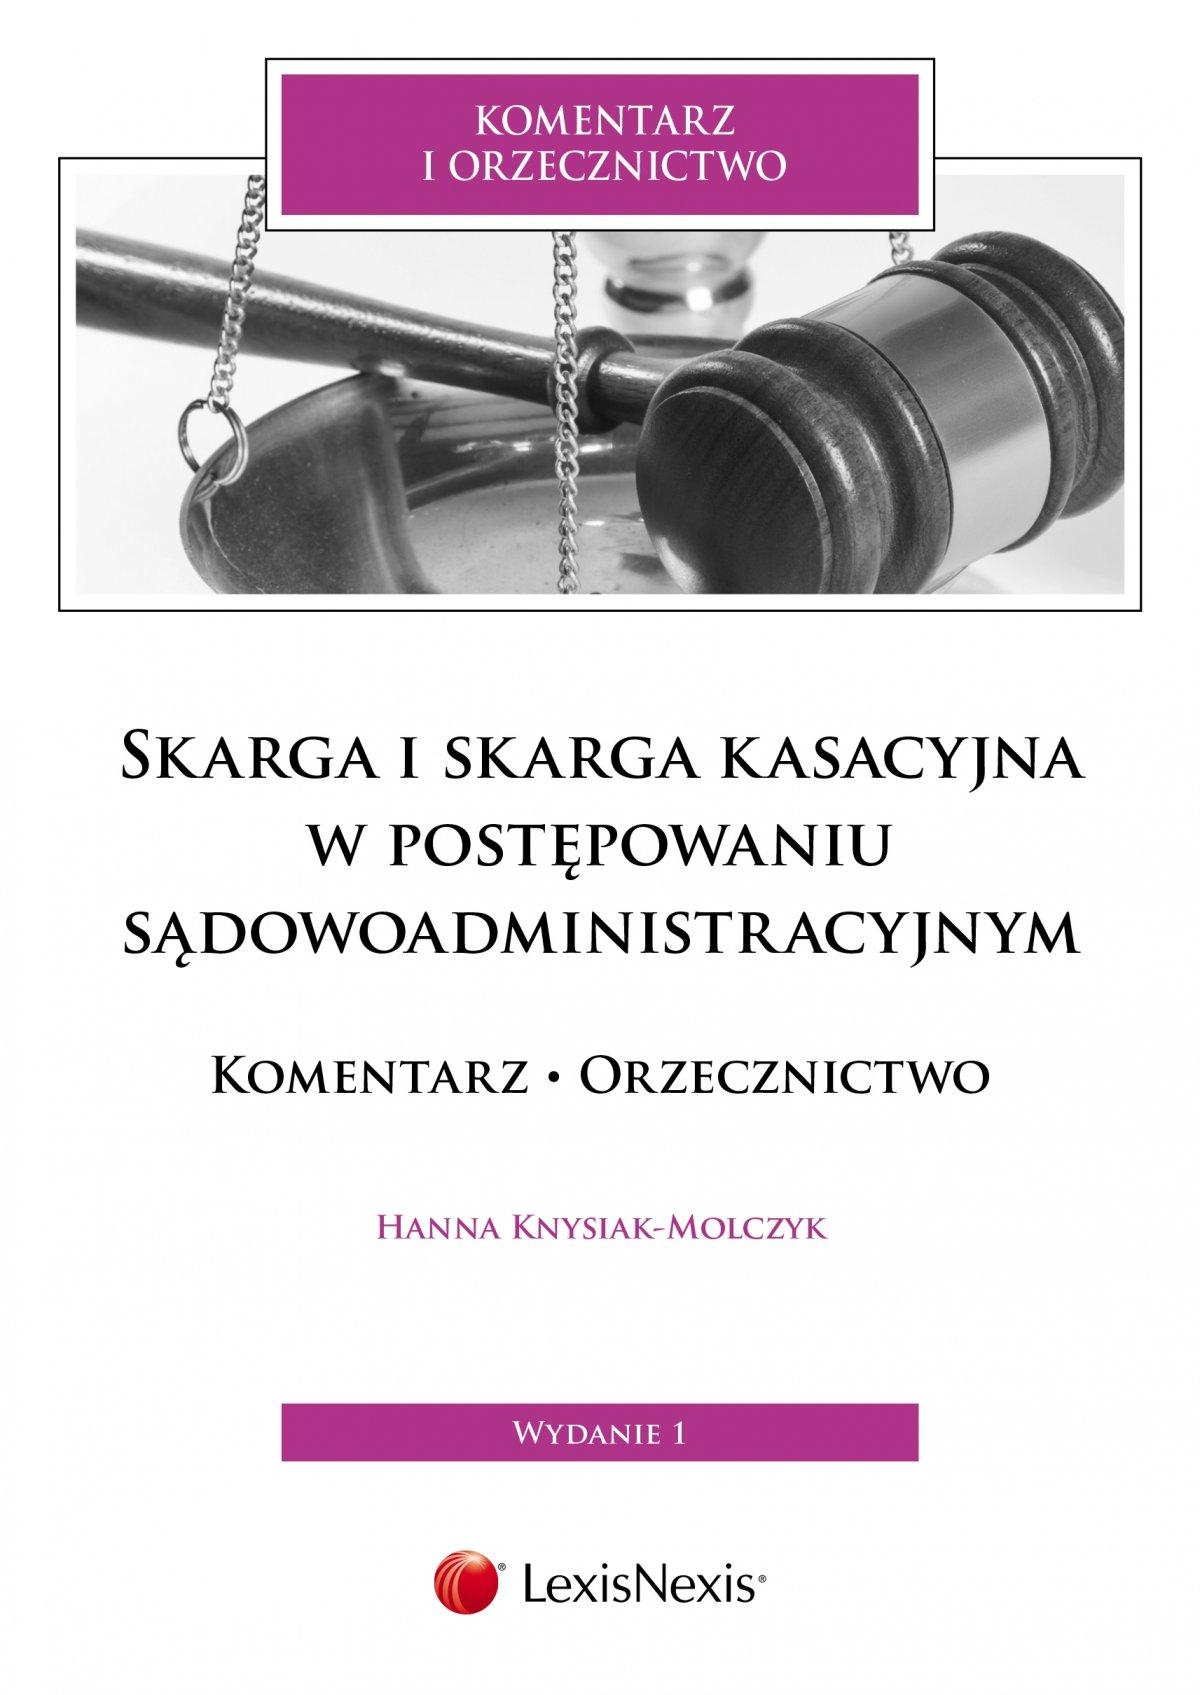 Skarga i skarga kasacyjna w postępowaniu sądowoadministracyjnym Komentarz. Orzecznictwo - Ebook (Książka EPUB) do pobrania w formacie EPUB